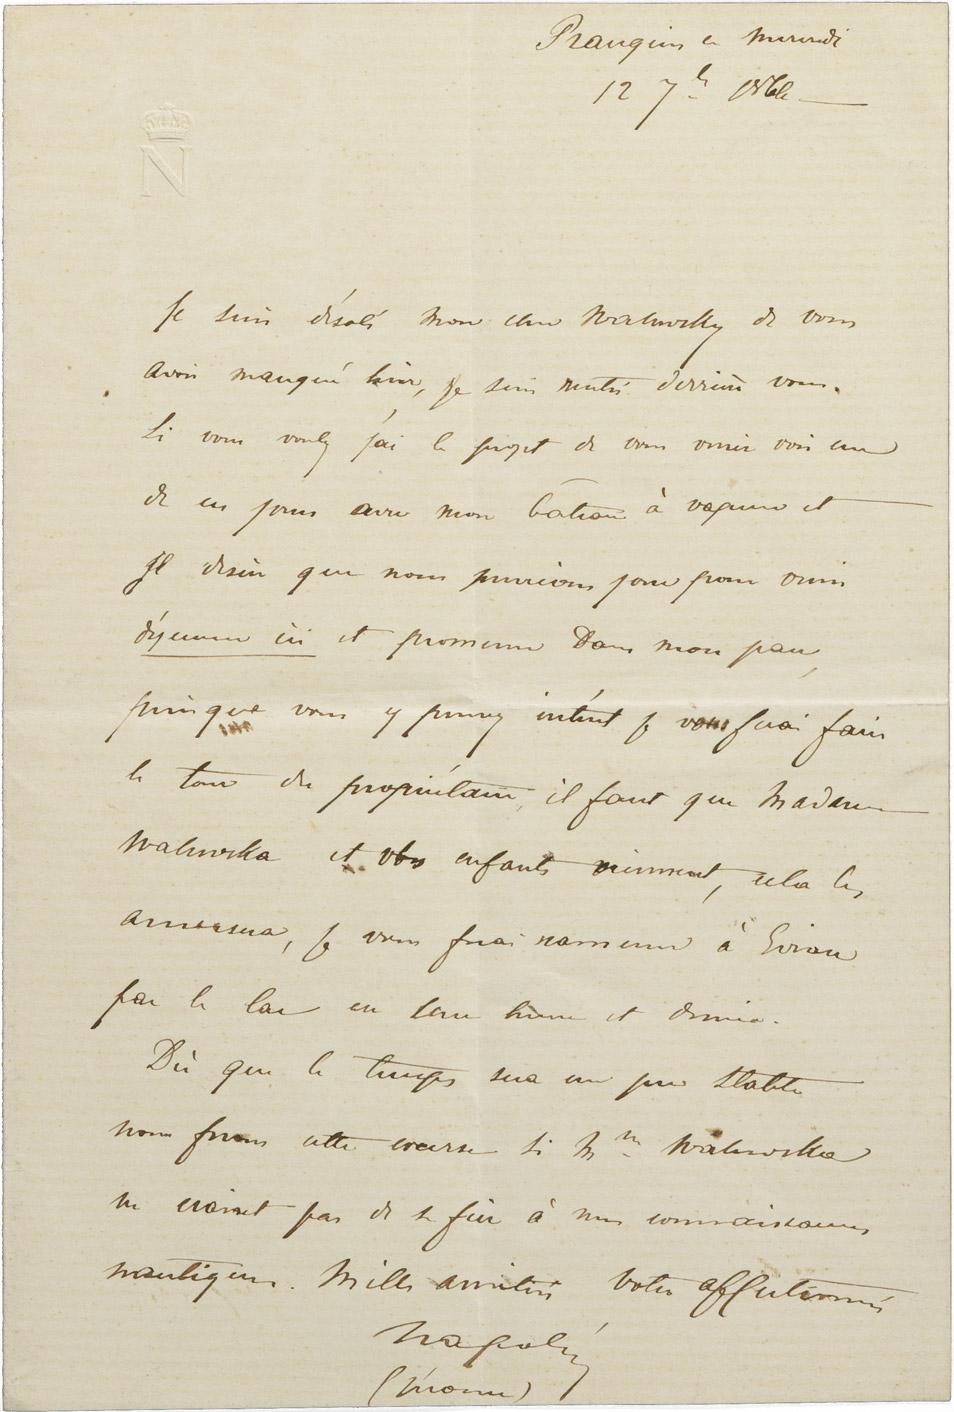 Lettre du prince Napoléon (Jérôme) au comte Walewski - Patrimoine Charles-André COLONNA WALEWSKI, en ligne directe de Napoléon